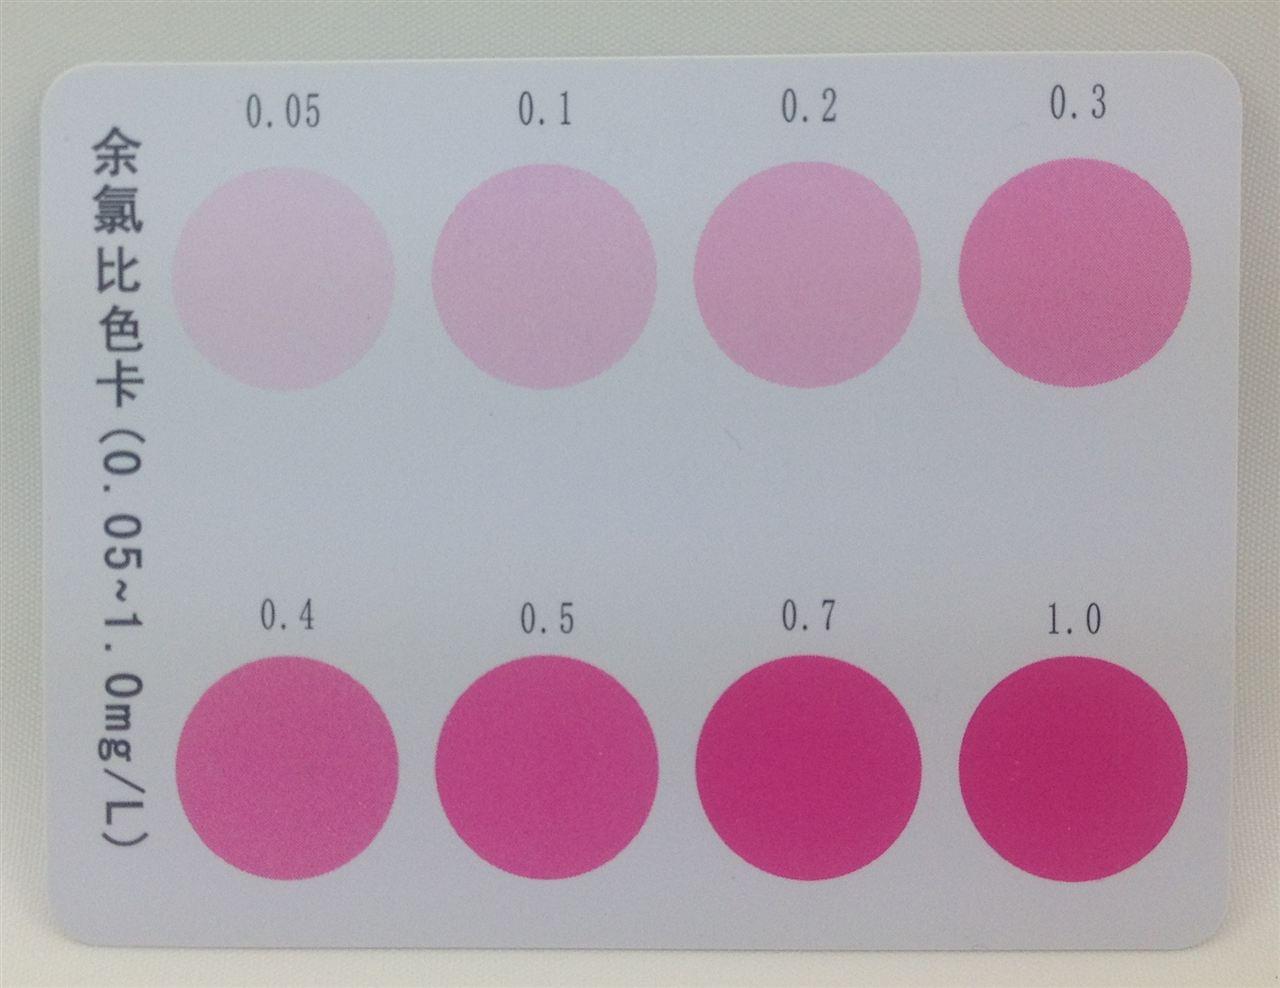 dpd余氯检测试剂盒 快速测试 比色管 厂家直销